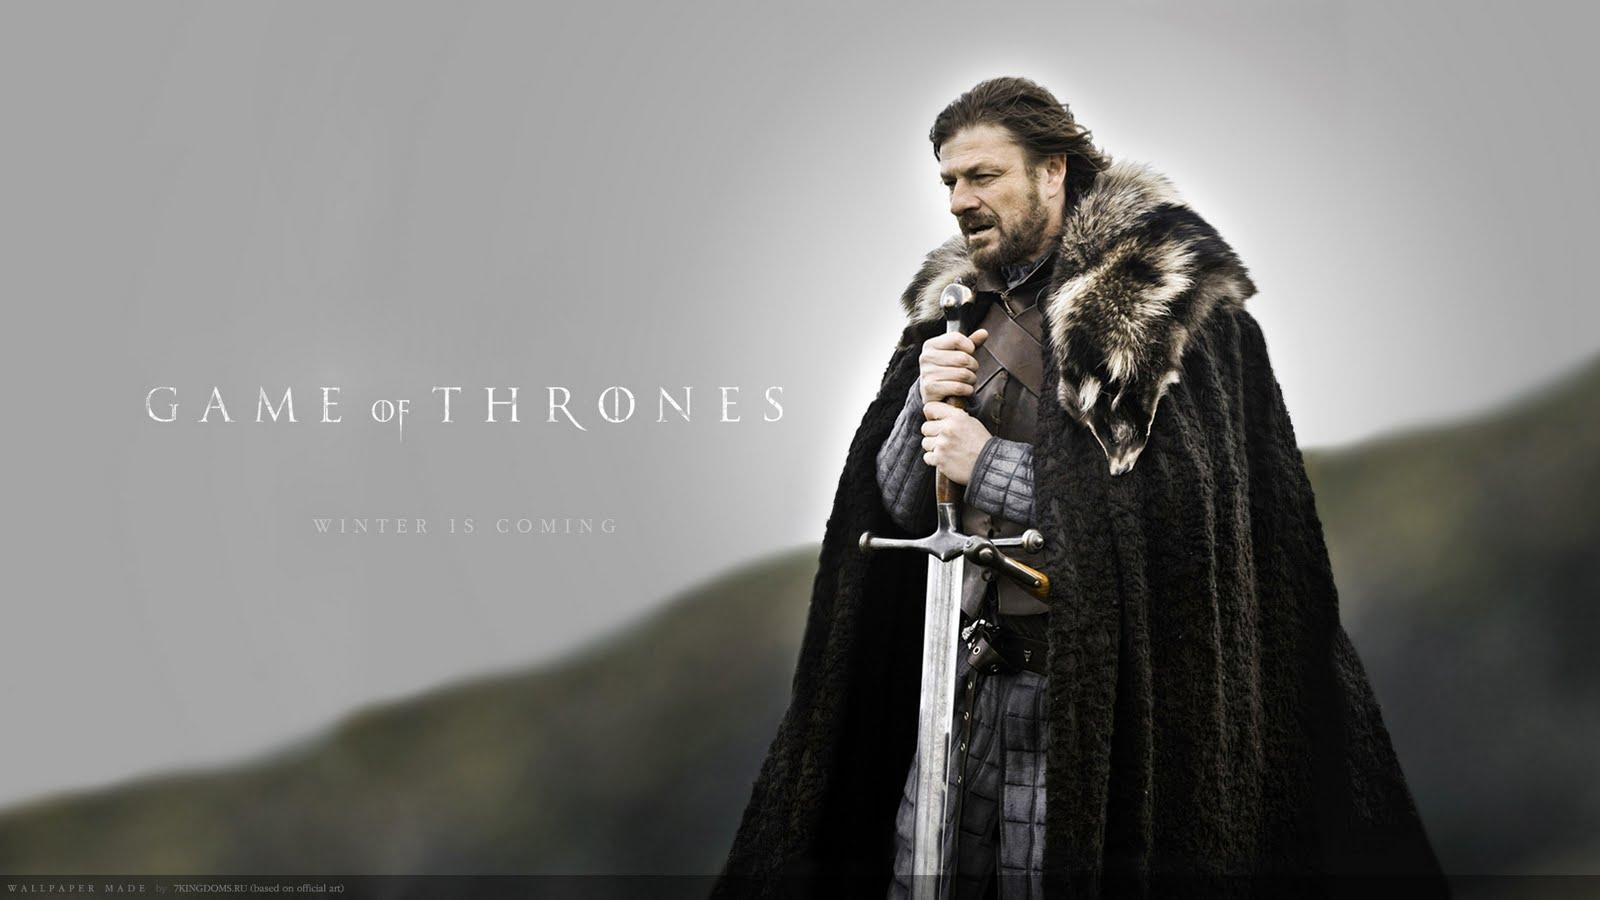 http://1.bp.blogspot.com/-dzuHZX7S3hM/TgB_dlNkHzI/AAAAAAAAAhs/HvRqrAva5aw/s1600/winter-is-coming.jpg